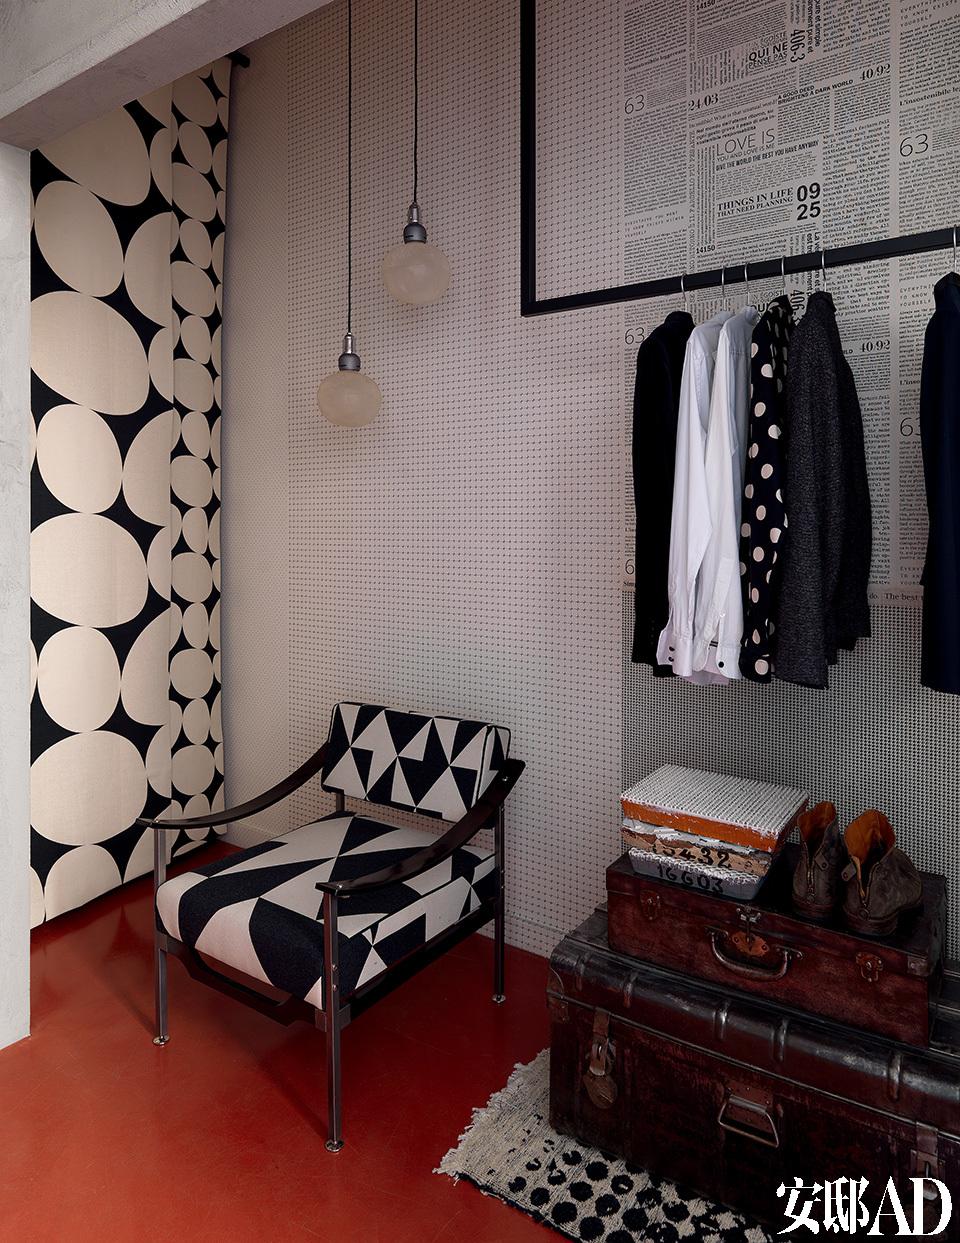 书房的墙面、地毯还有扶手椅上反复重复的黑白两色与地面的红色形成了强烈的反差。黑白图案相间的古董椅面料